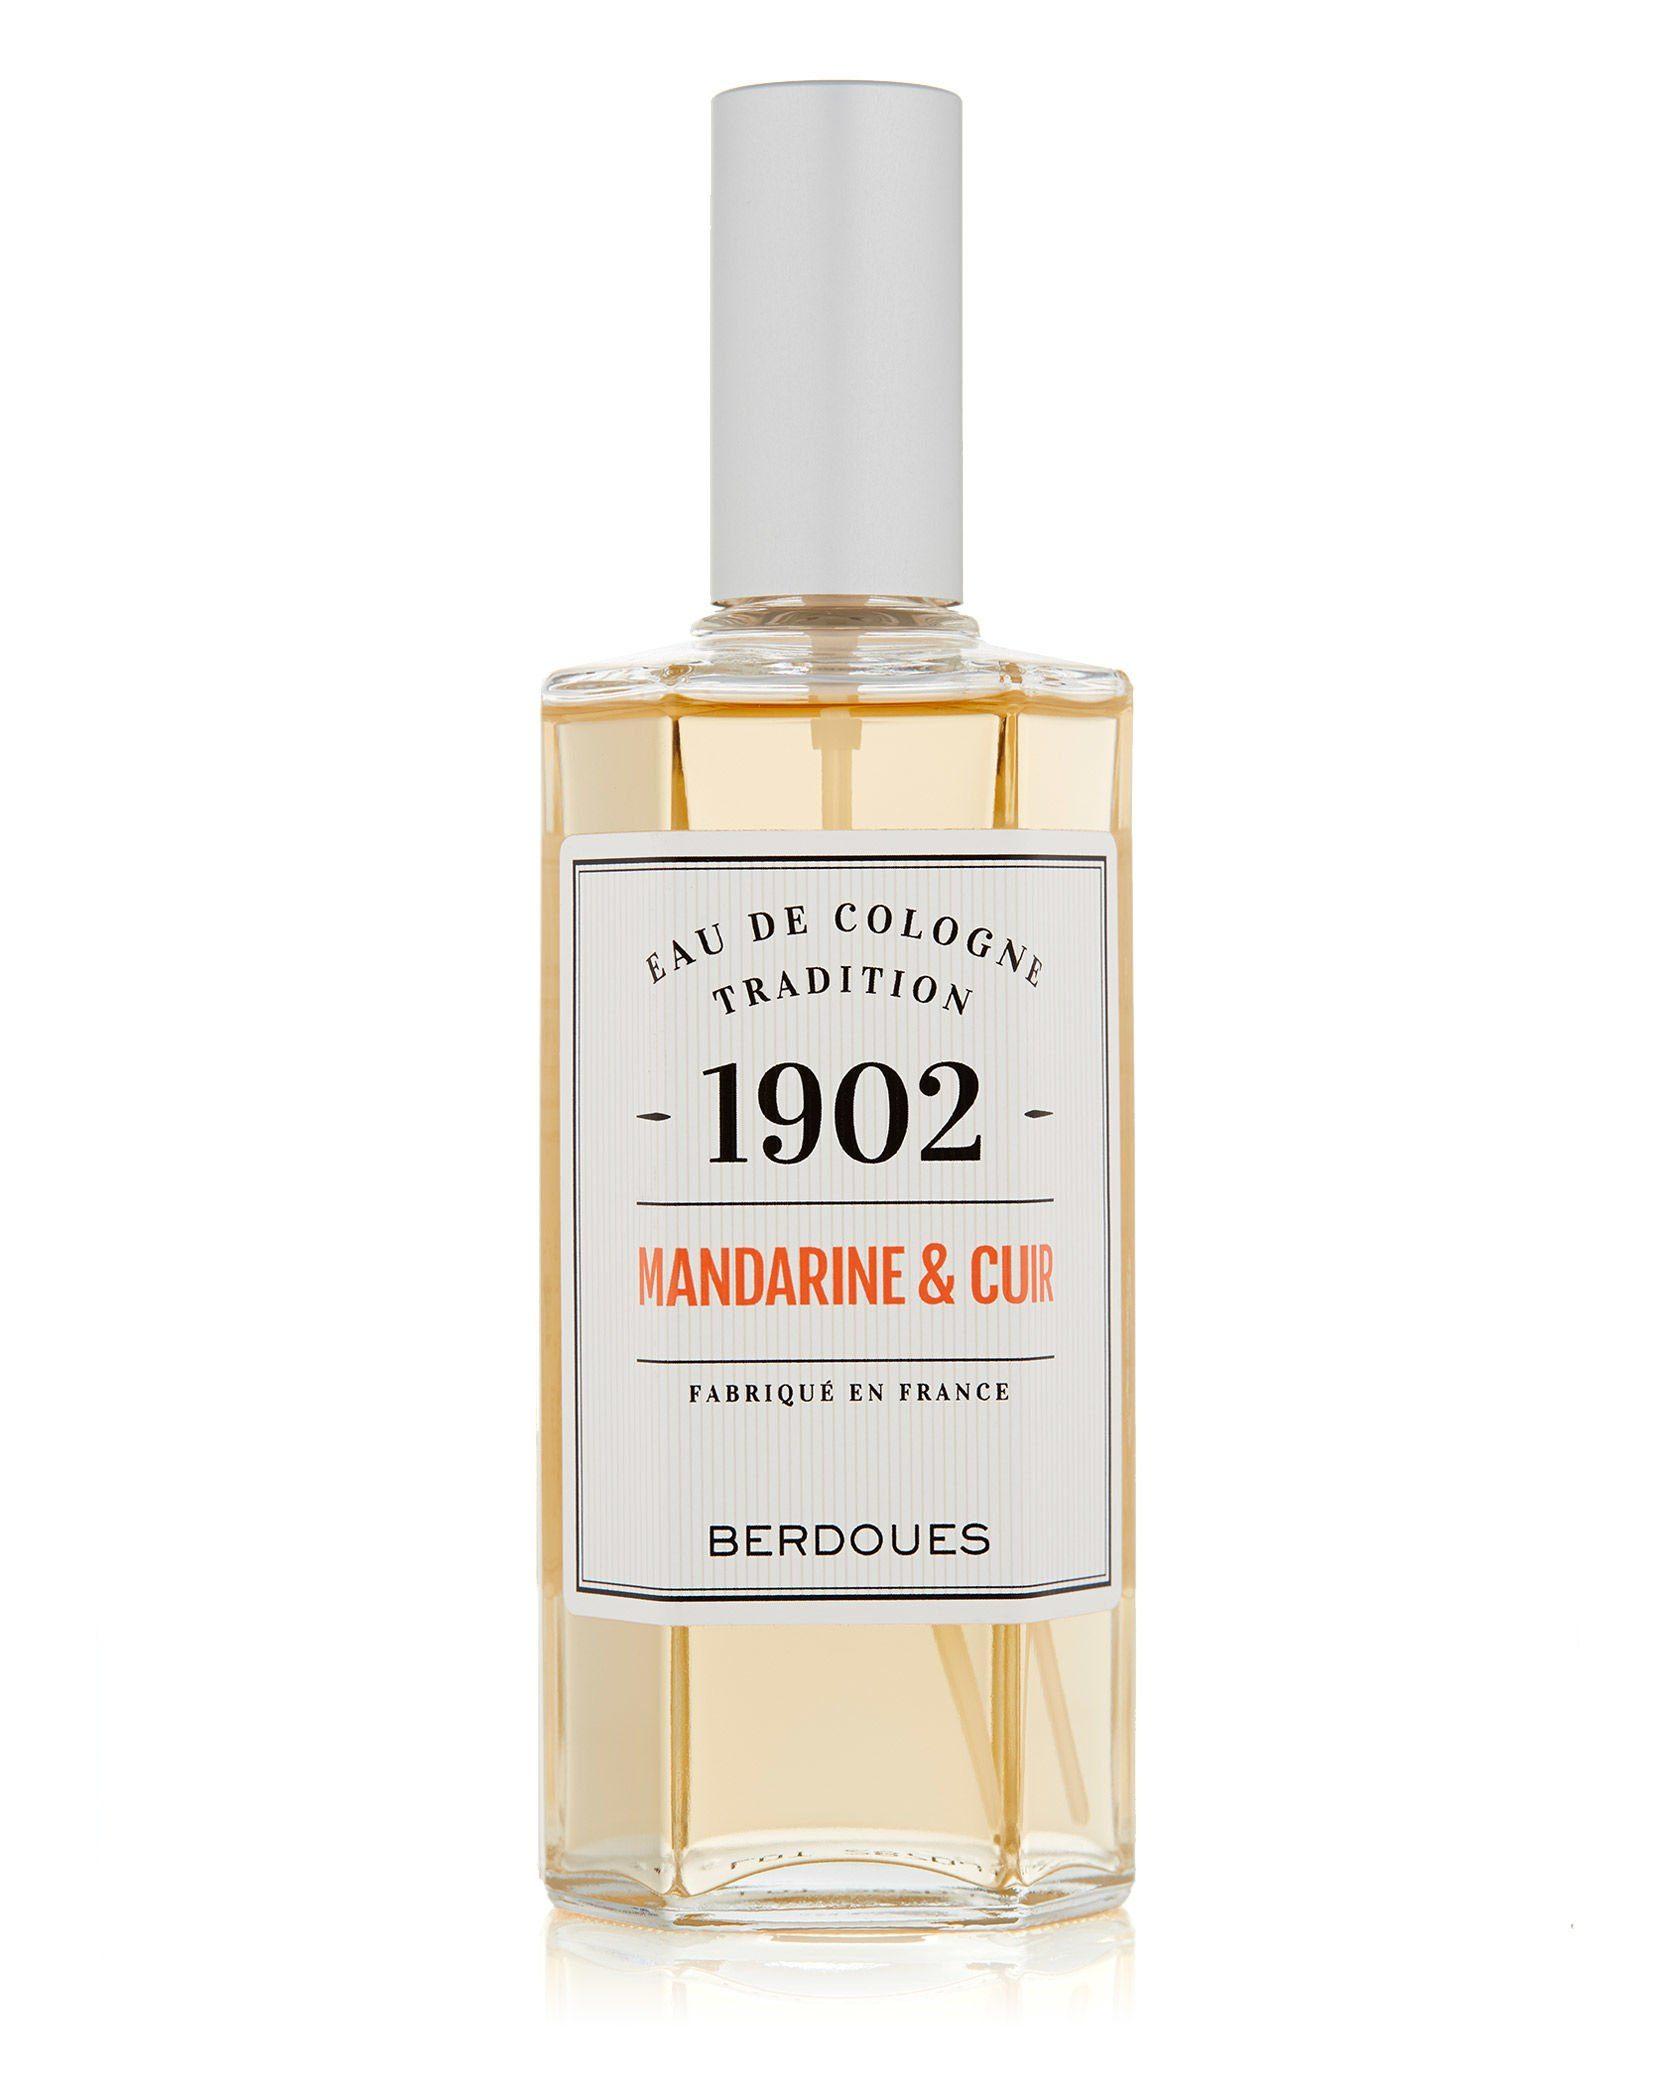 Berdoues Eau de Cologne »1902 Tradition Mandarine & Cuir«